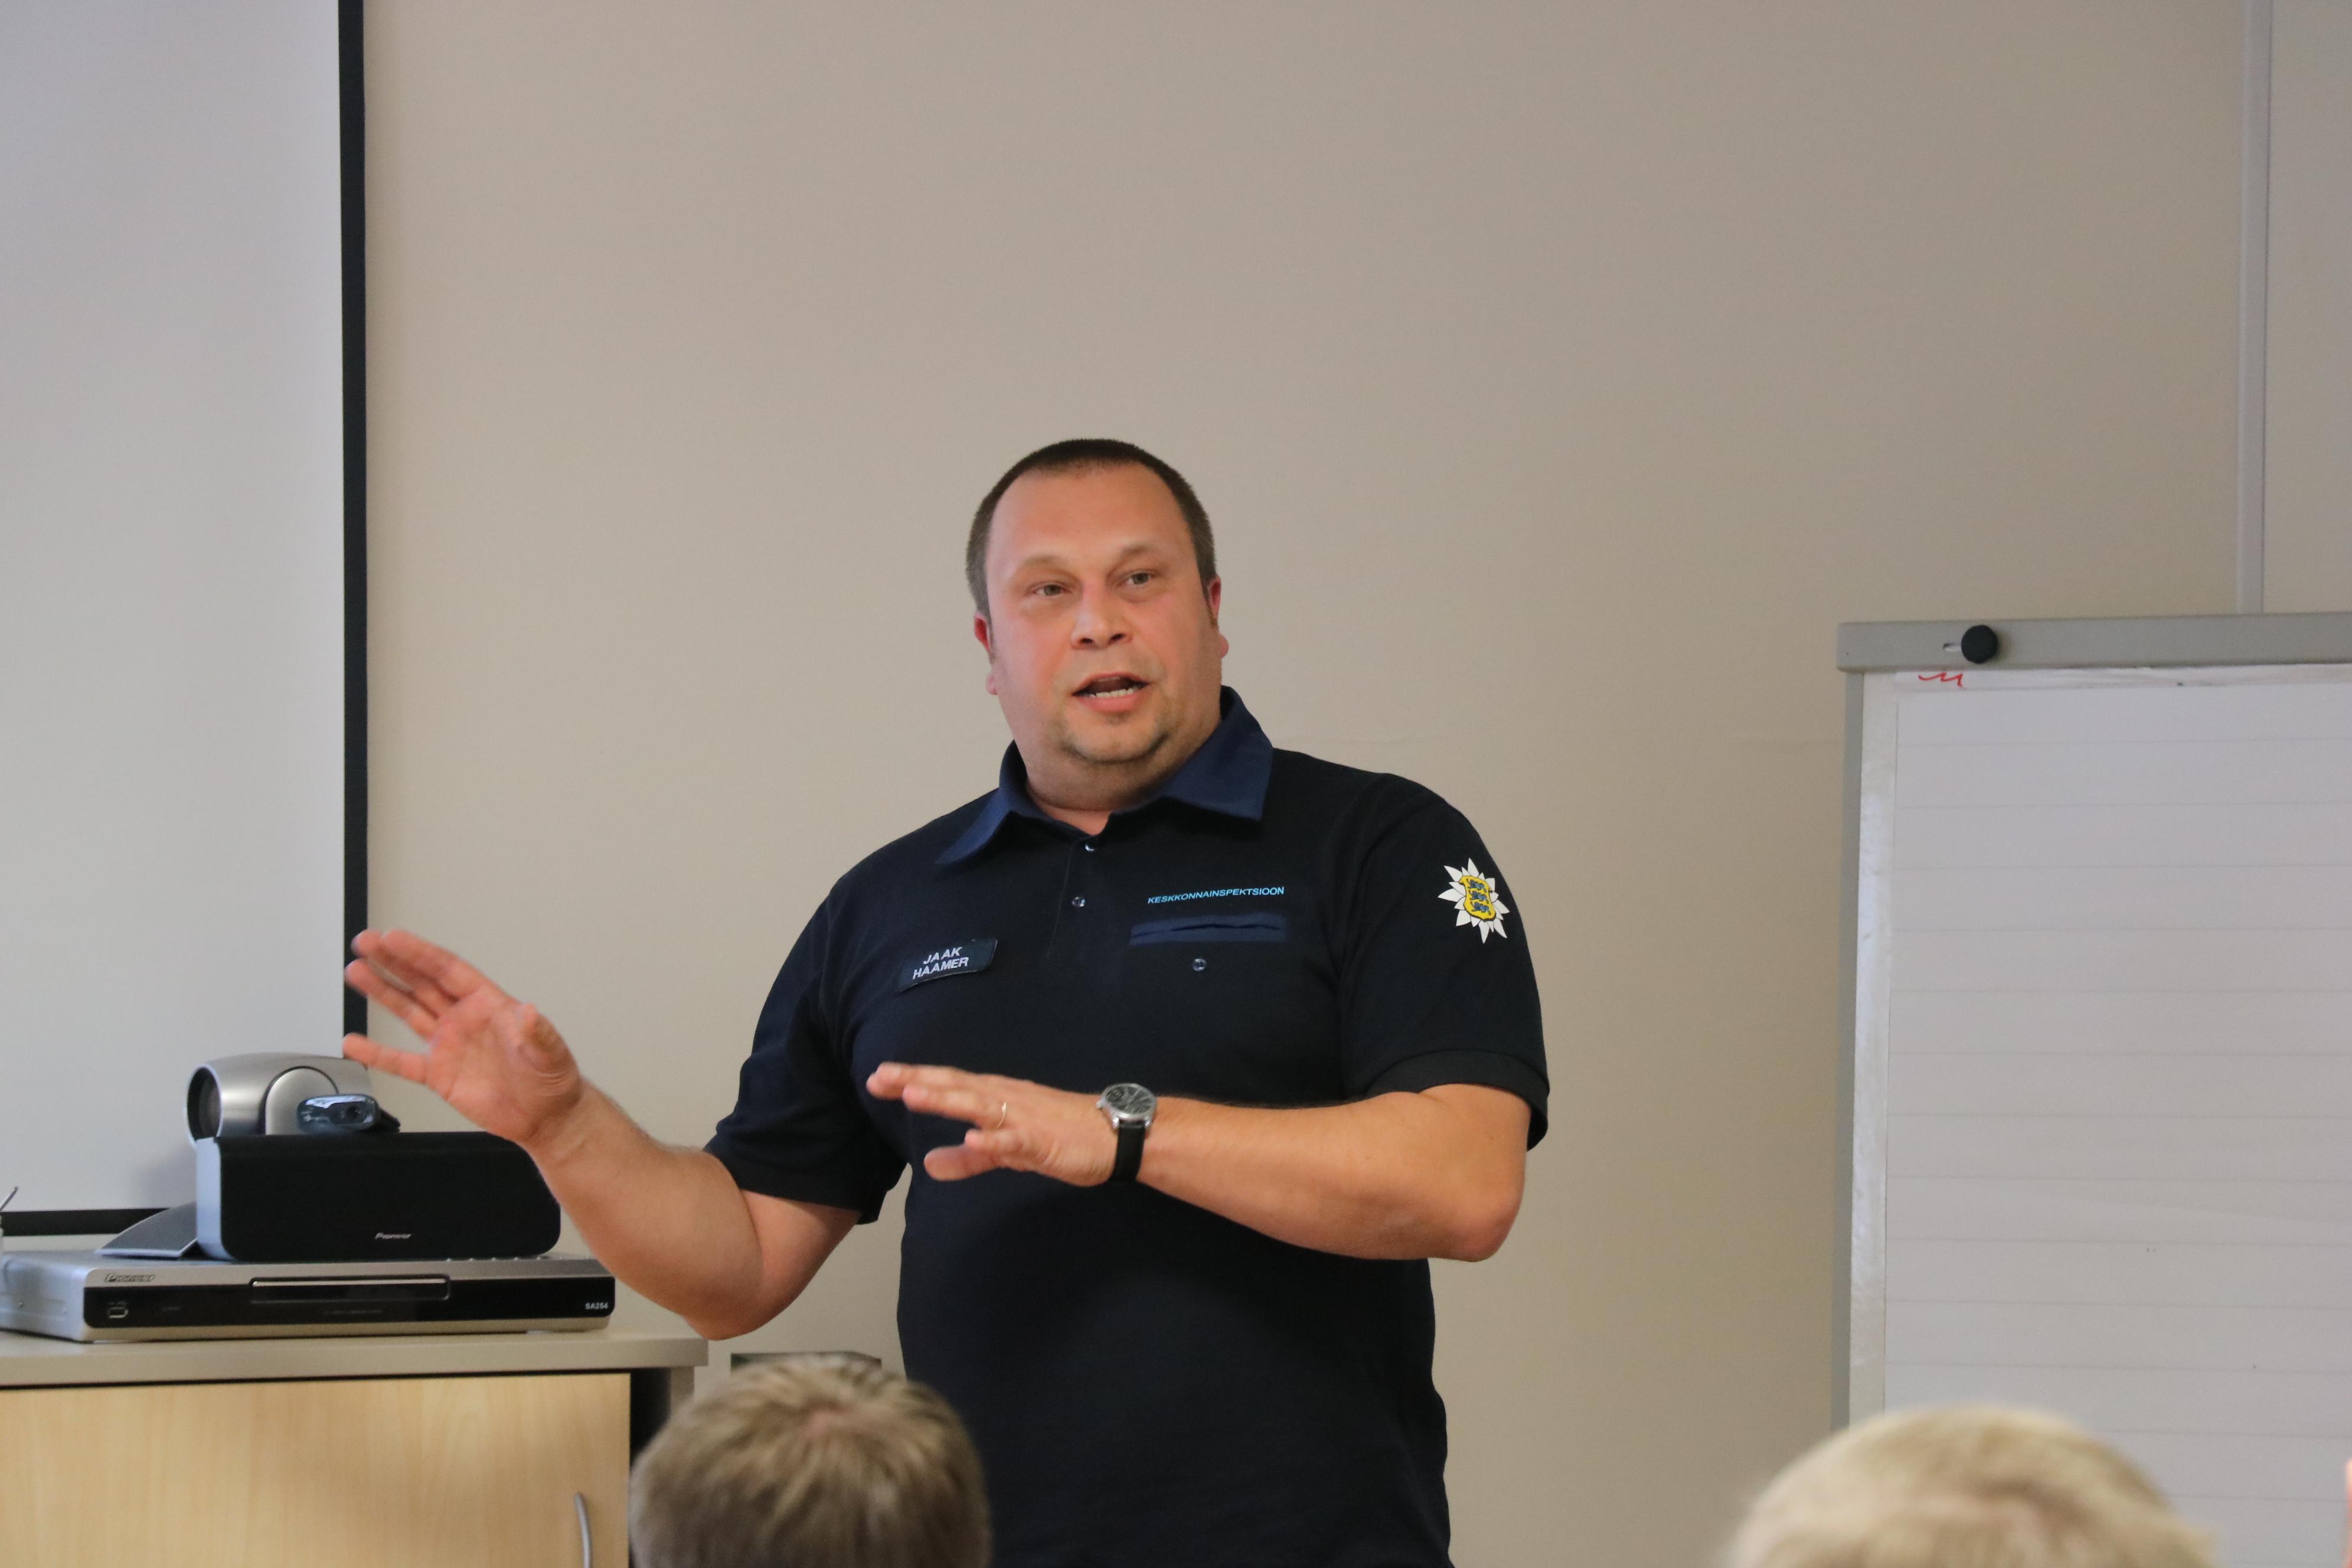 Eile toimus keskkonnaameti Saaremaa kontori saalis Saaremaa jahimeeste seltsi ja keskkonnainspektsiooni ühine teabepäev. Ürituse esimeses osas andis keskkonnainspektsiooni Saaremaa büroo juhataja Jaak Haamer ülevaate eelmisel aastal maakonnas toime pandud jahiseaduse […]